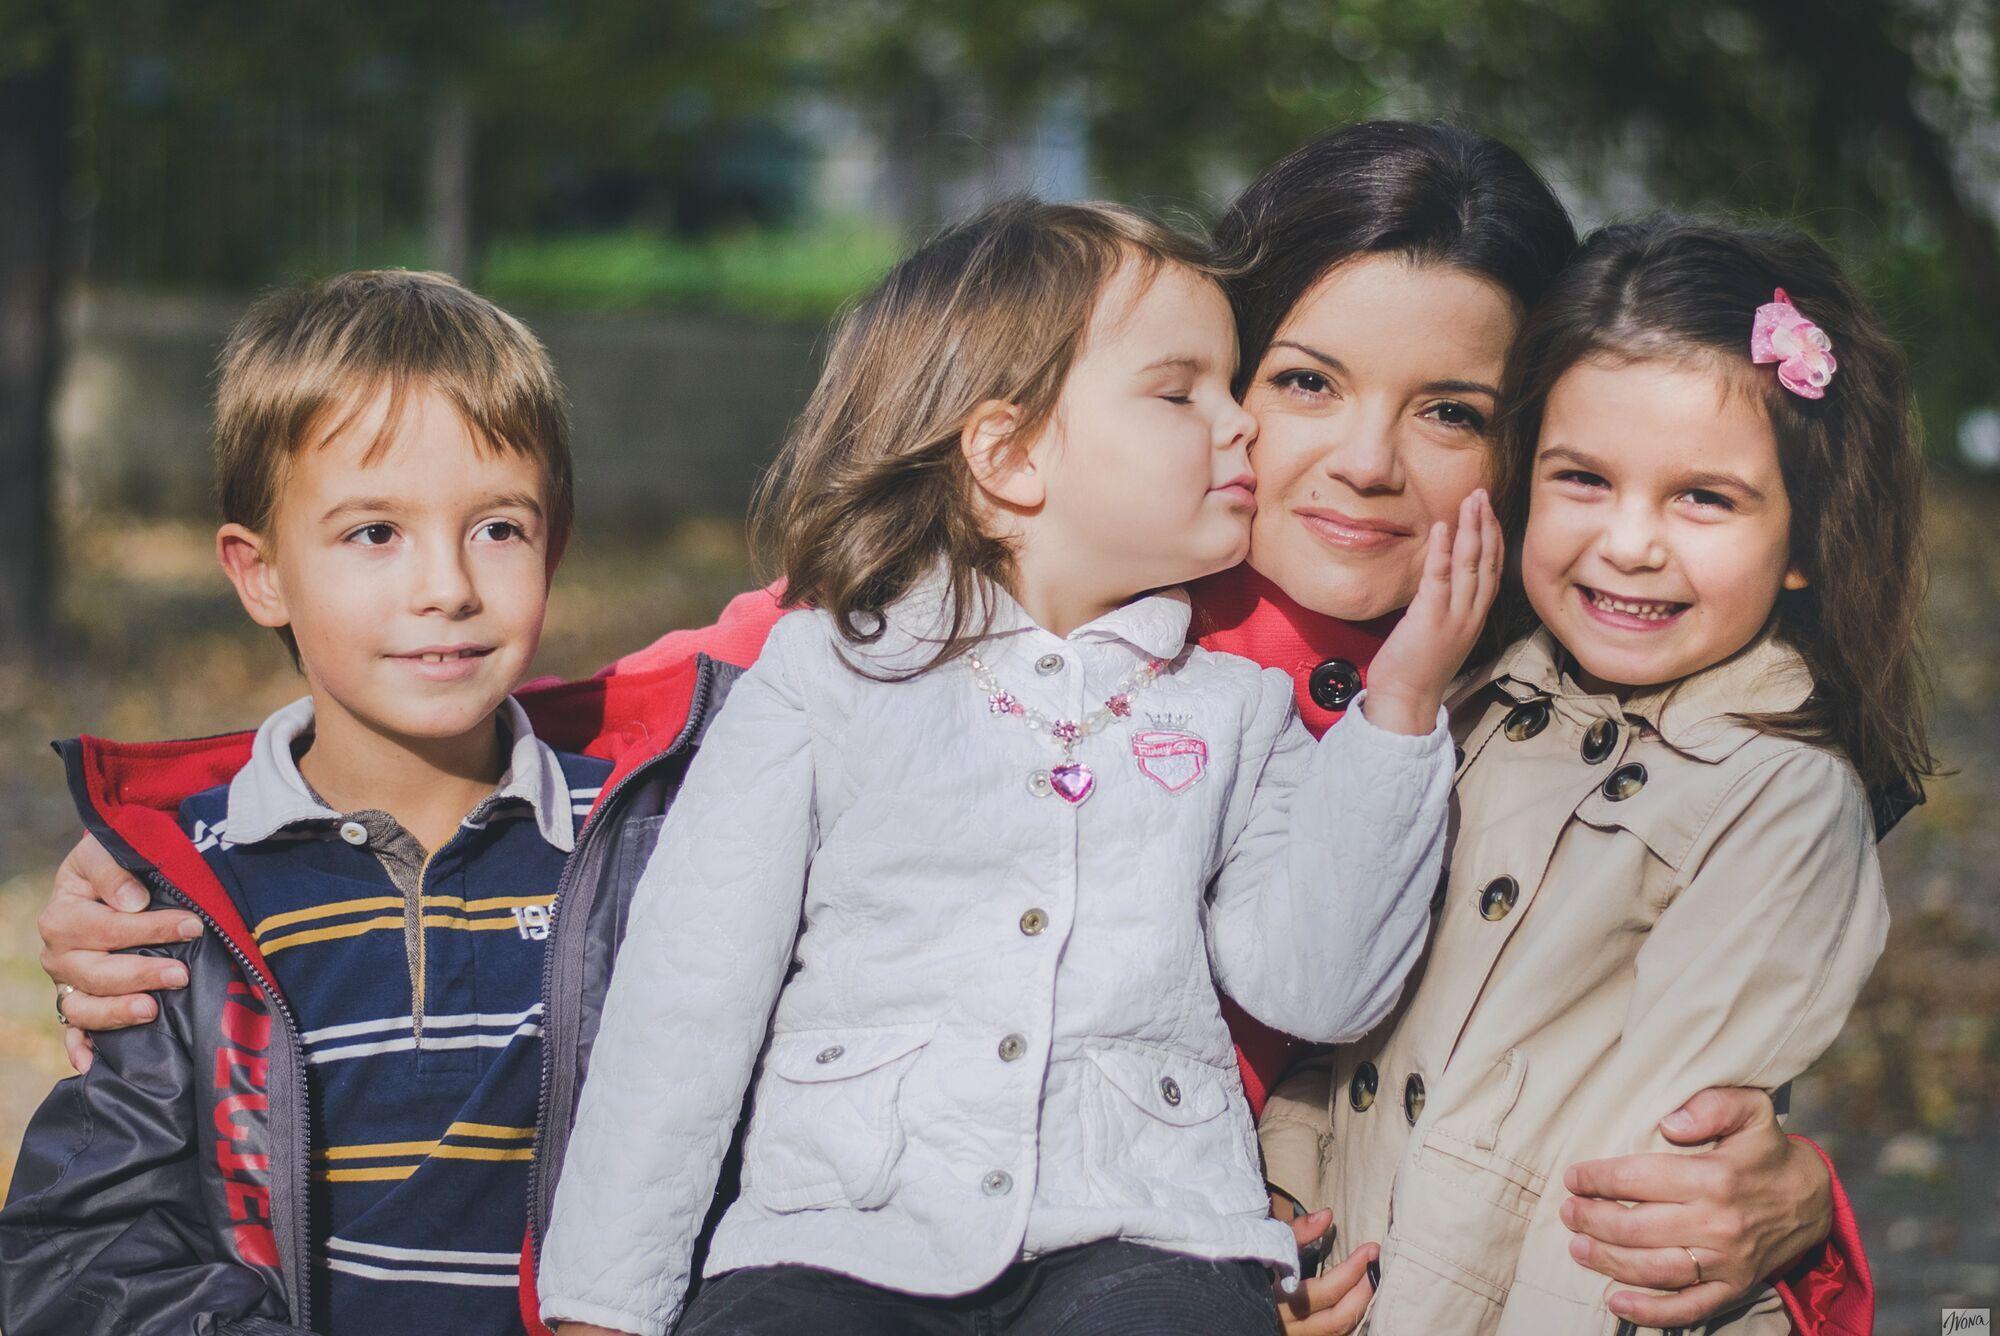 Маричка Падалко и двое ее детей заразились COVID-19 (Instagram Марички Падалко)